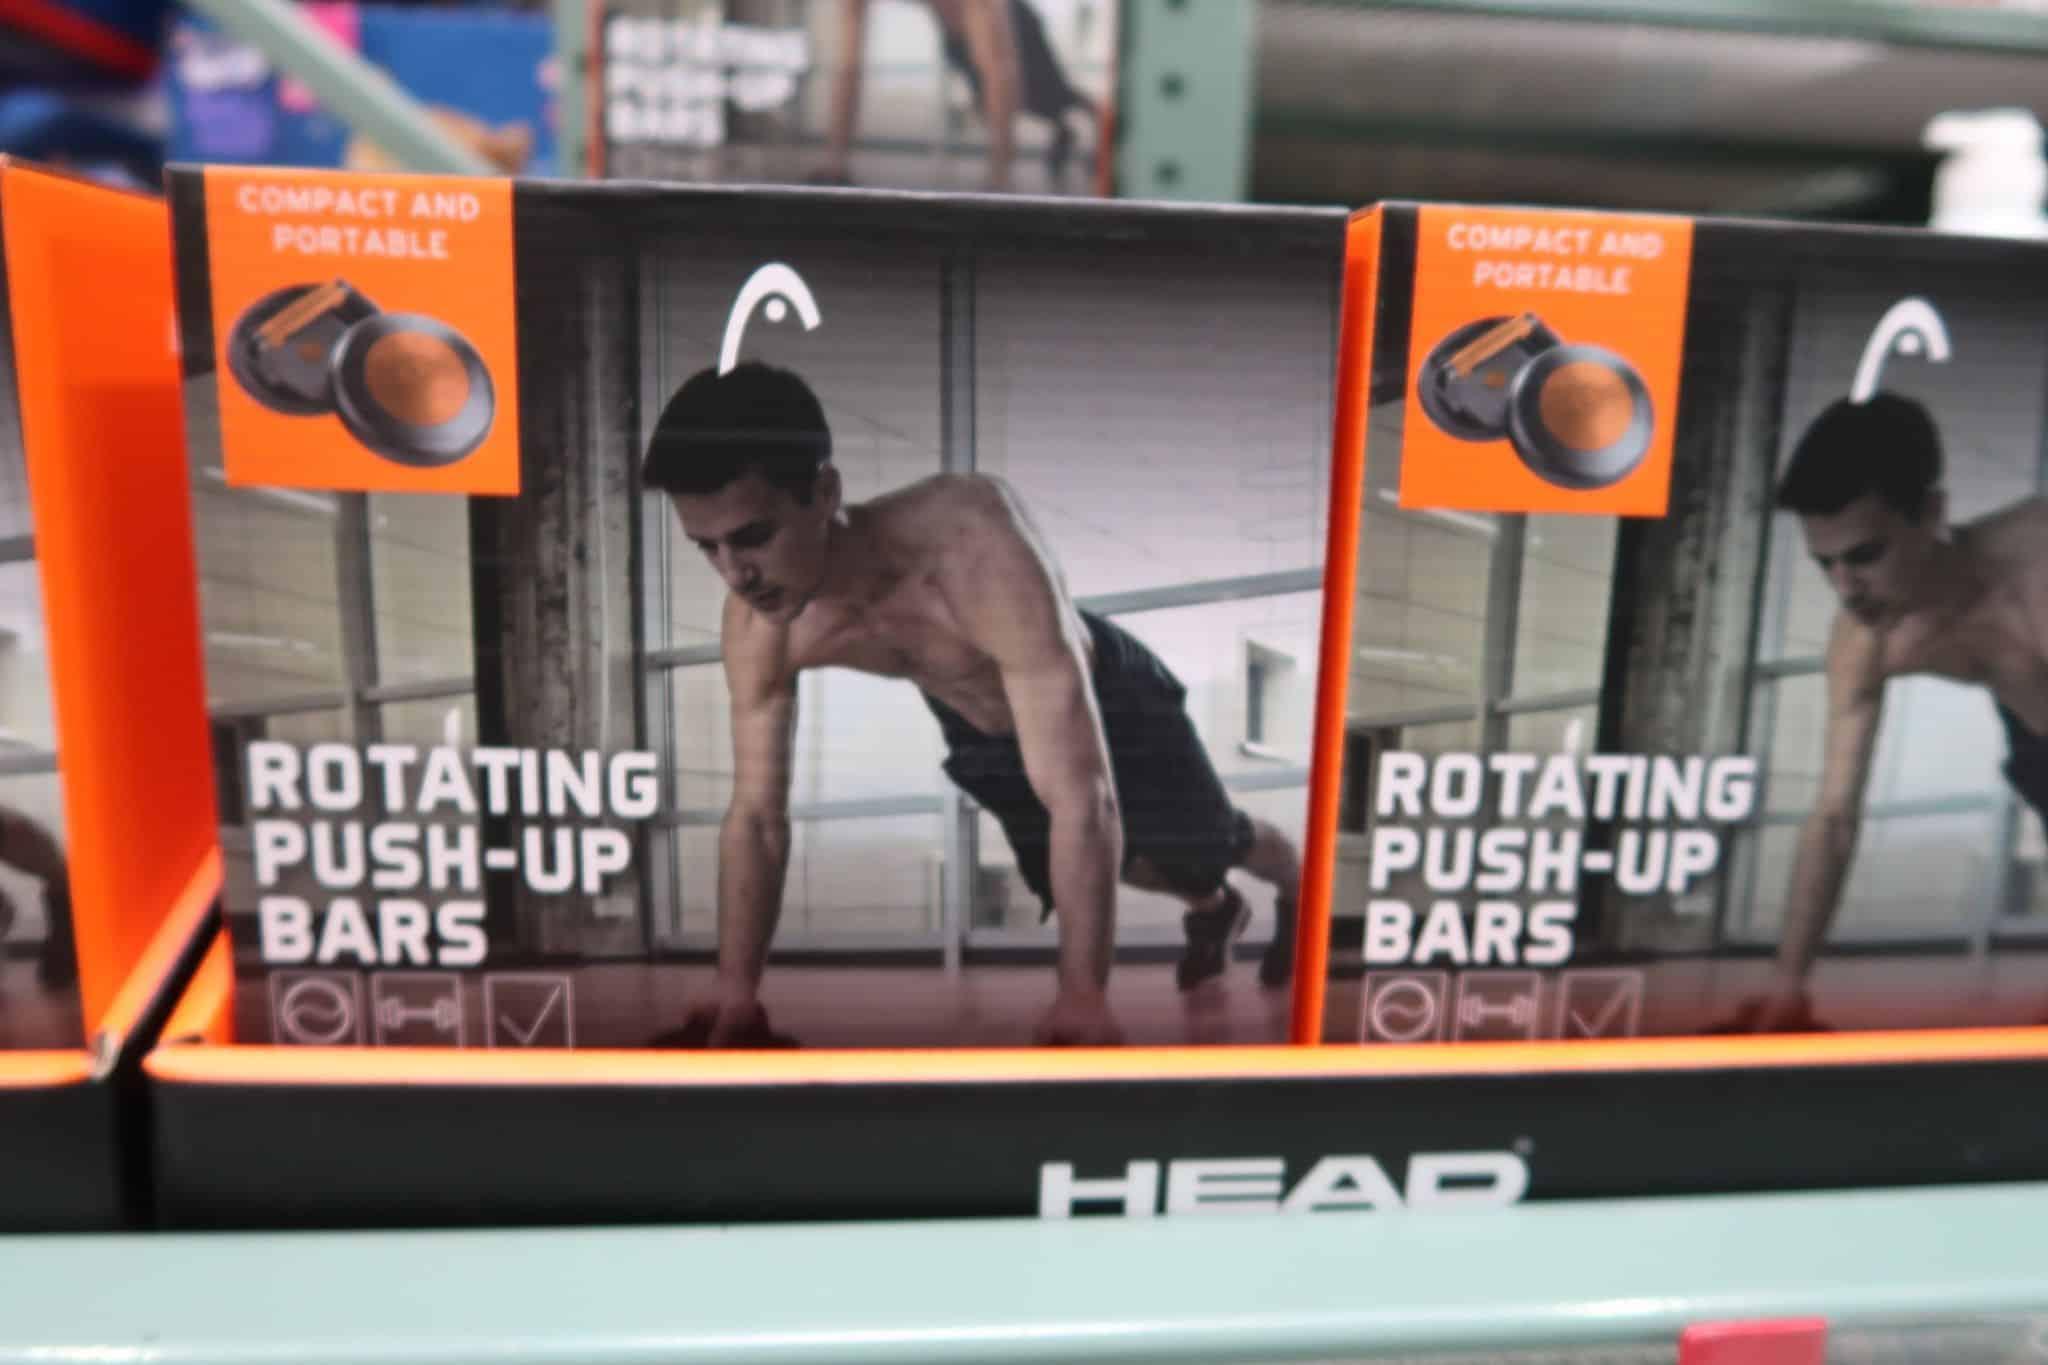 Head Fitness Rotating Push Up Bars $4.98